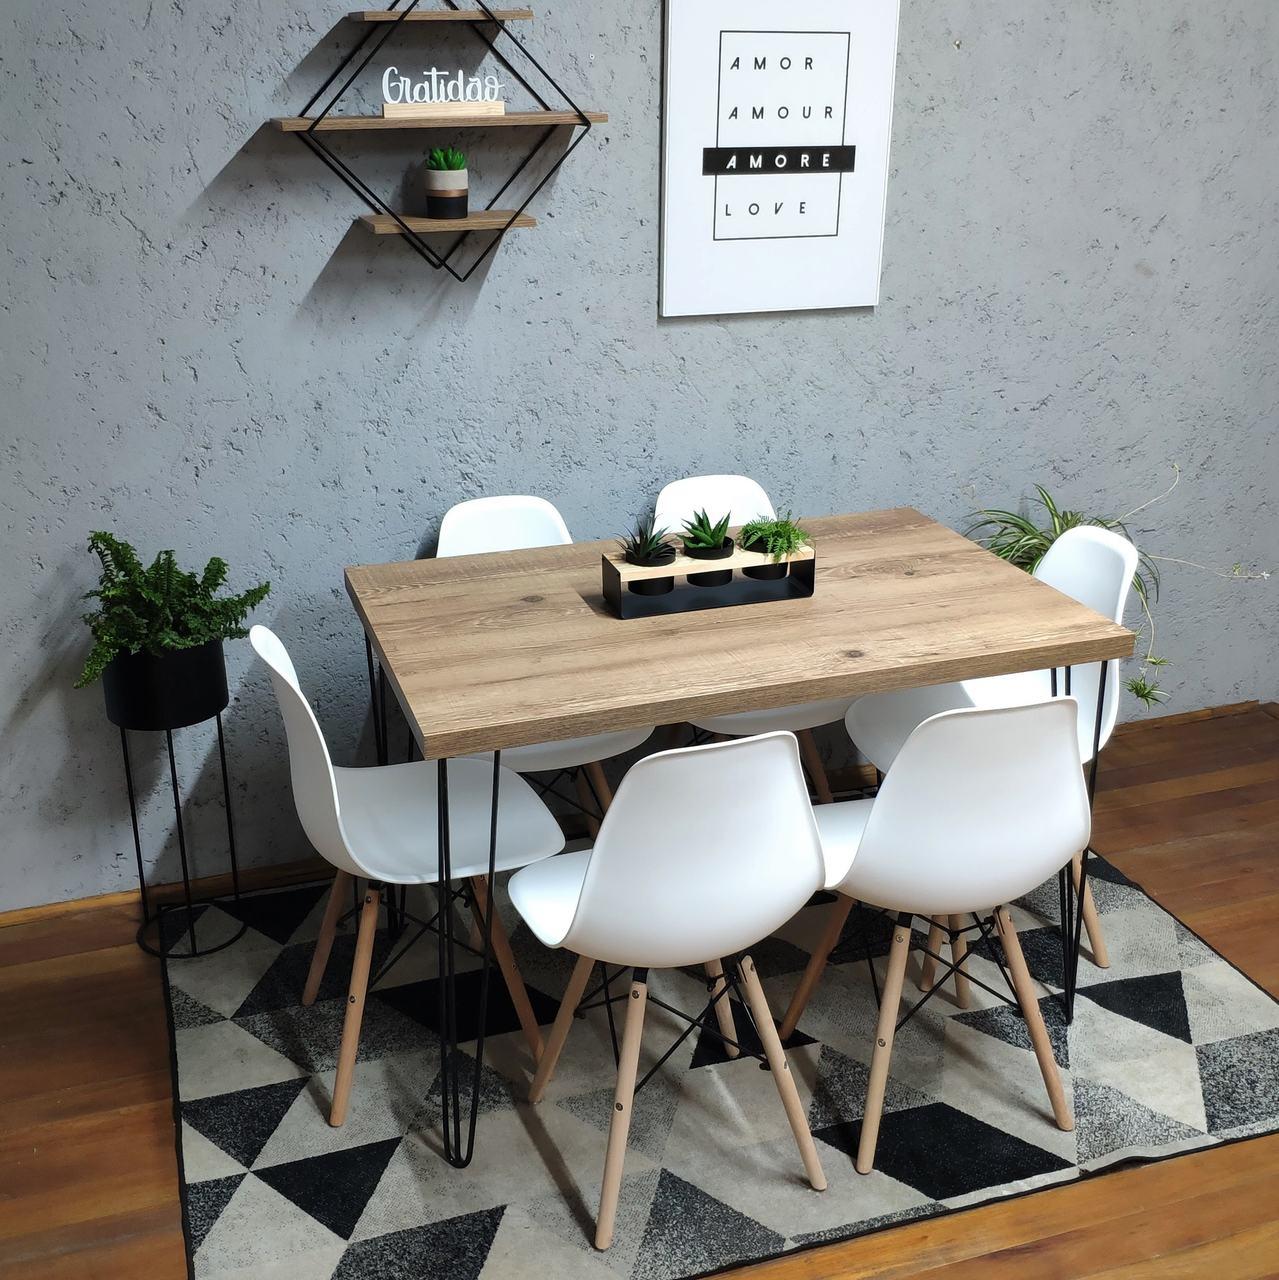 Mesa de Jantar Antiqua 90x140 Hairpin Legs com 6 Cadeiras Eames Brancas  - Mtne Store